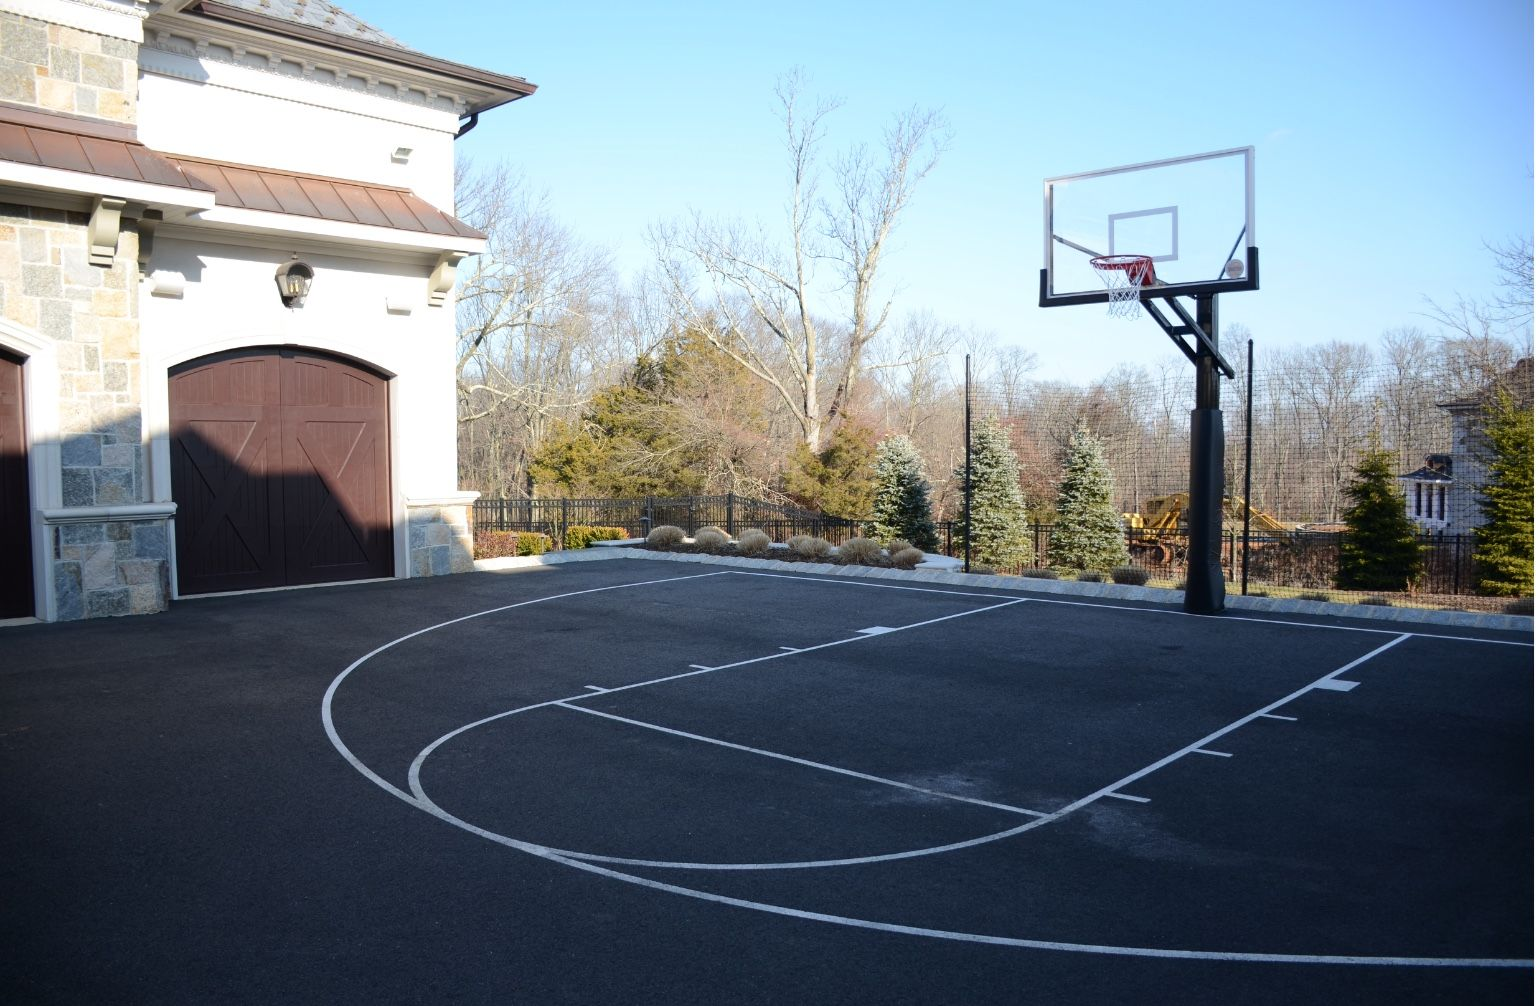 Driveway Basketball Court Basketball Court Backyard Driveway Basketball Court Outdoor Basketball Court